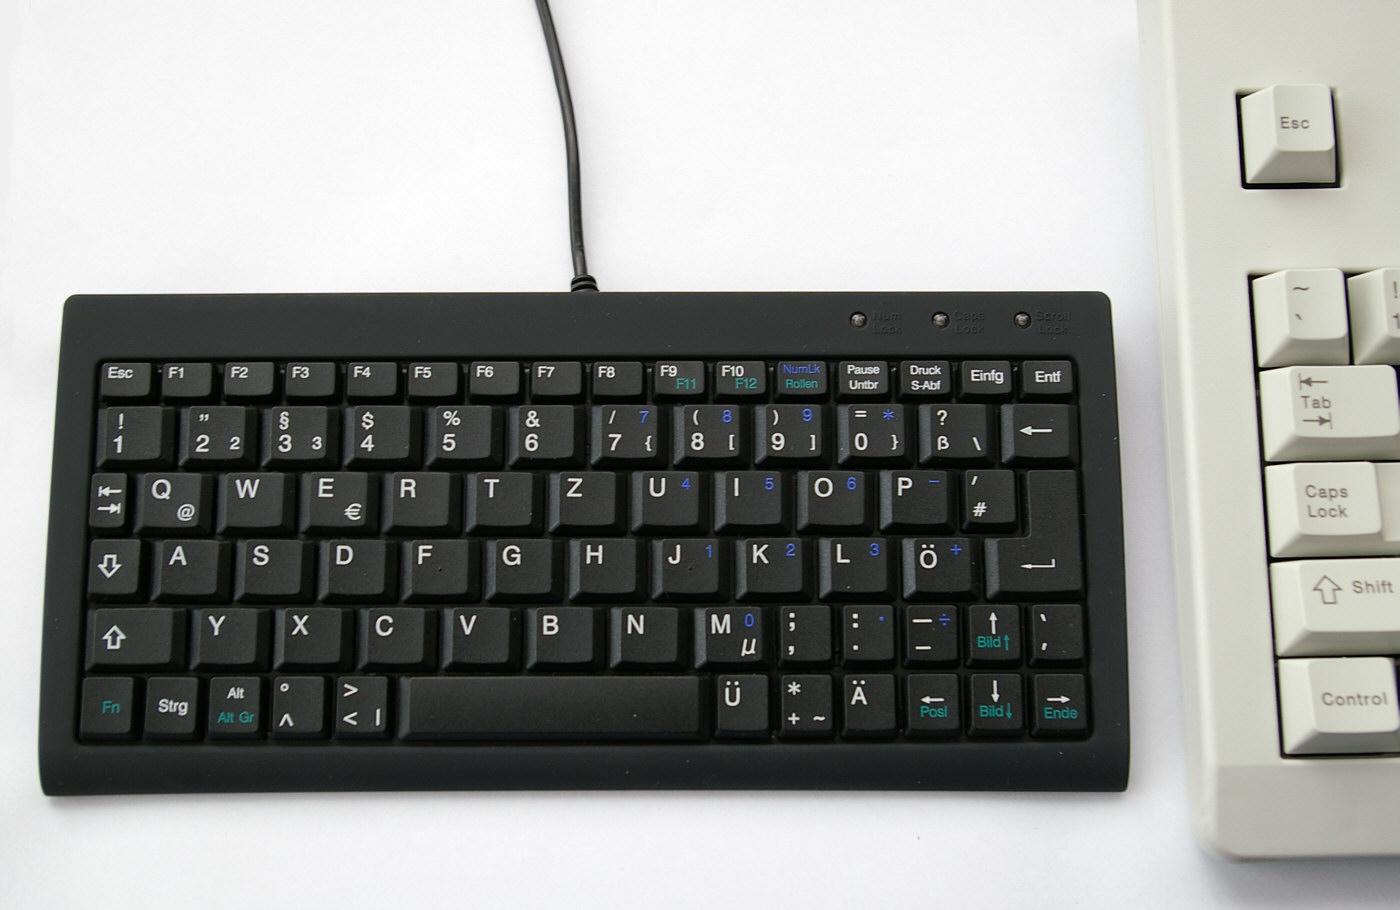 Miniaturtastatur gedacht für den mobilen einsatz